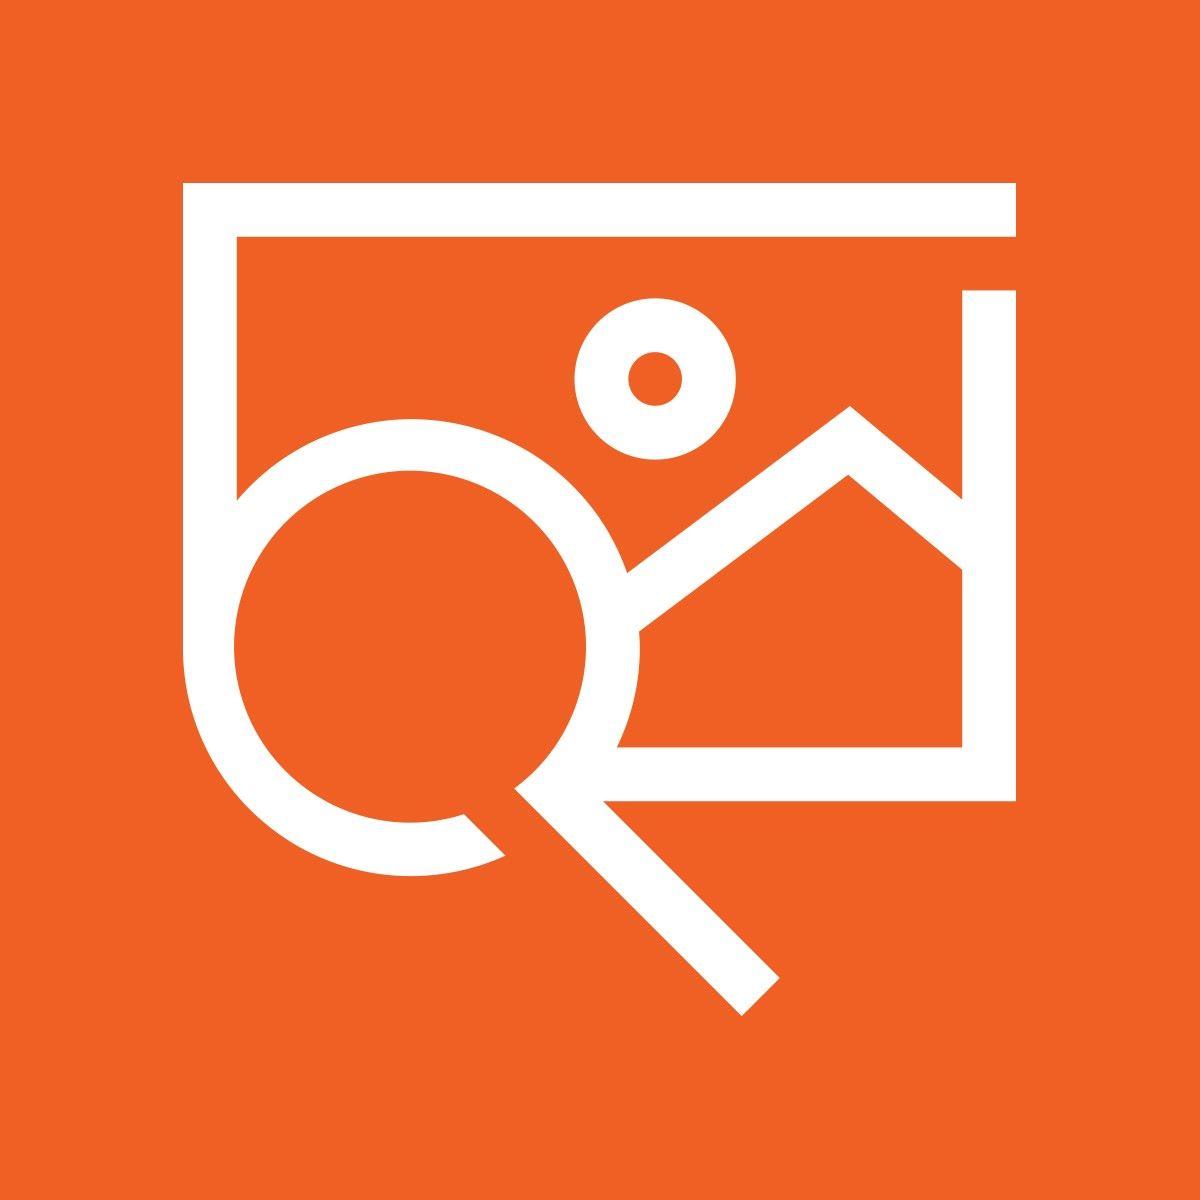 Minifier logo.